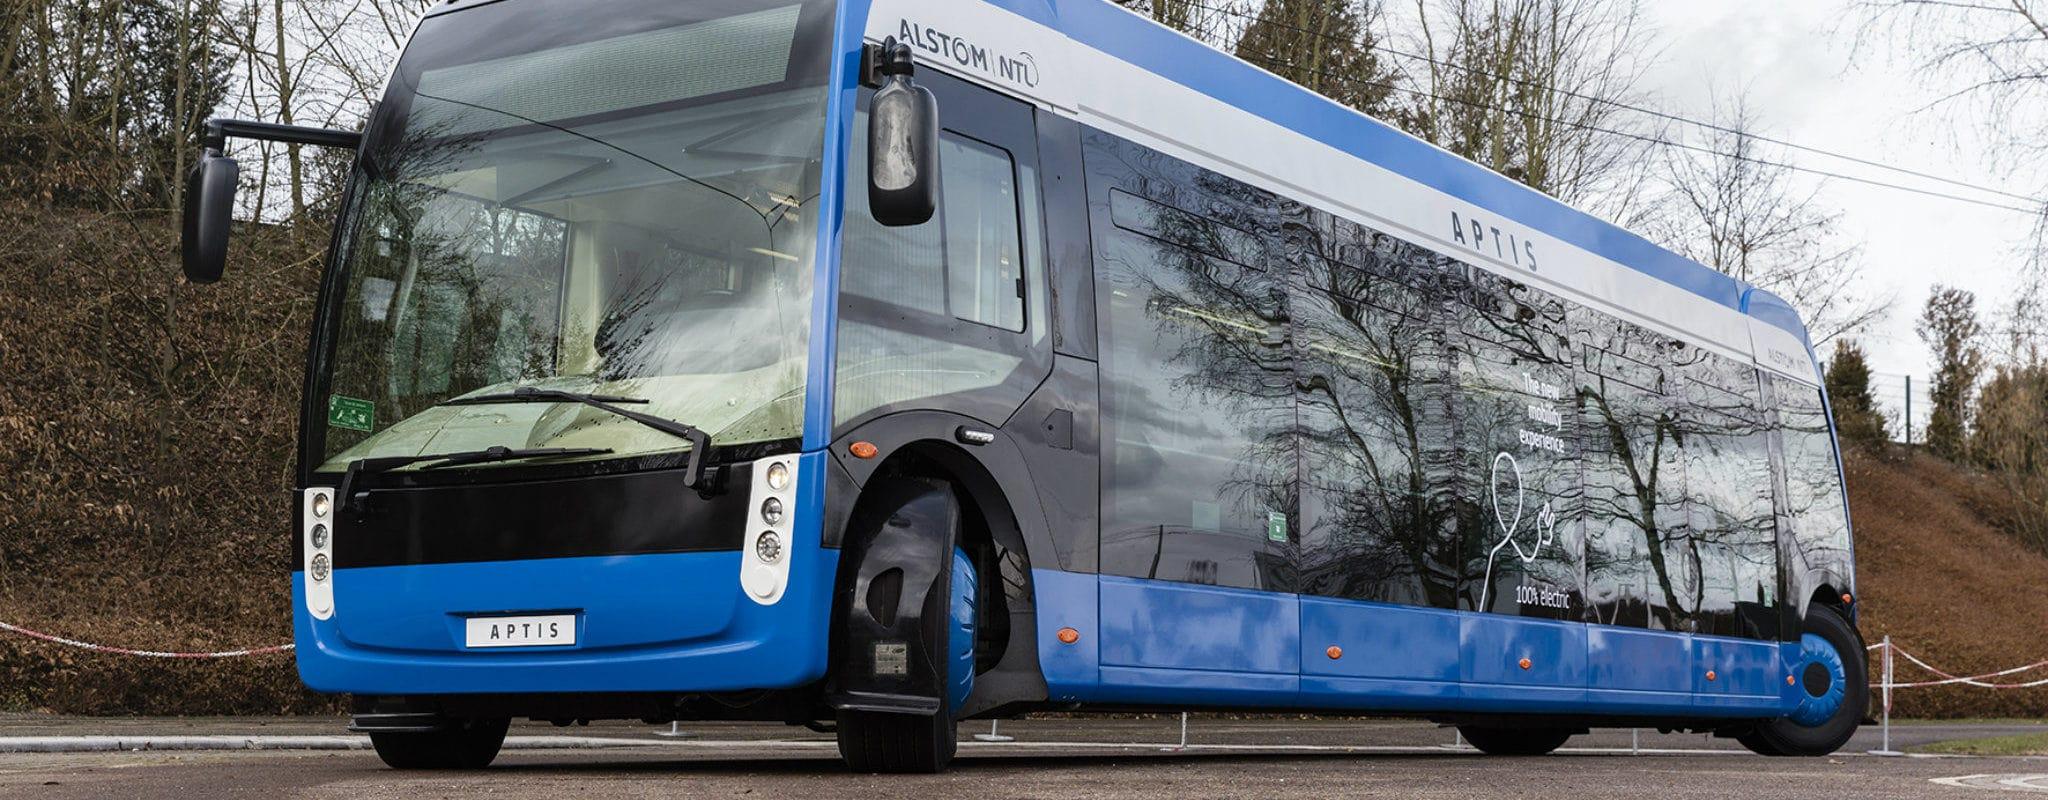 Strasbourg choisit les bus électriques Aptis